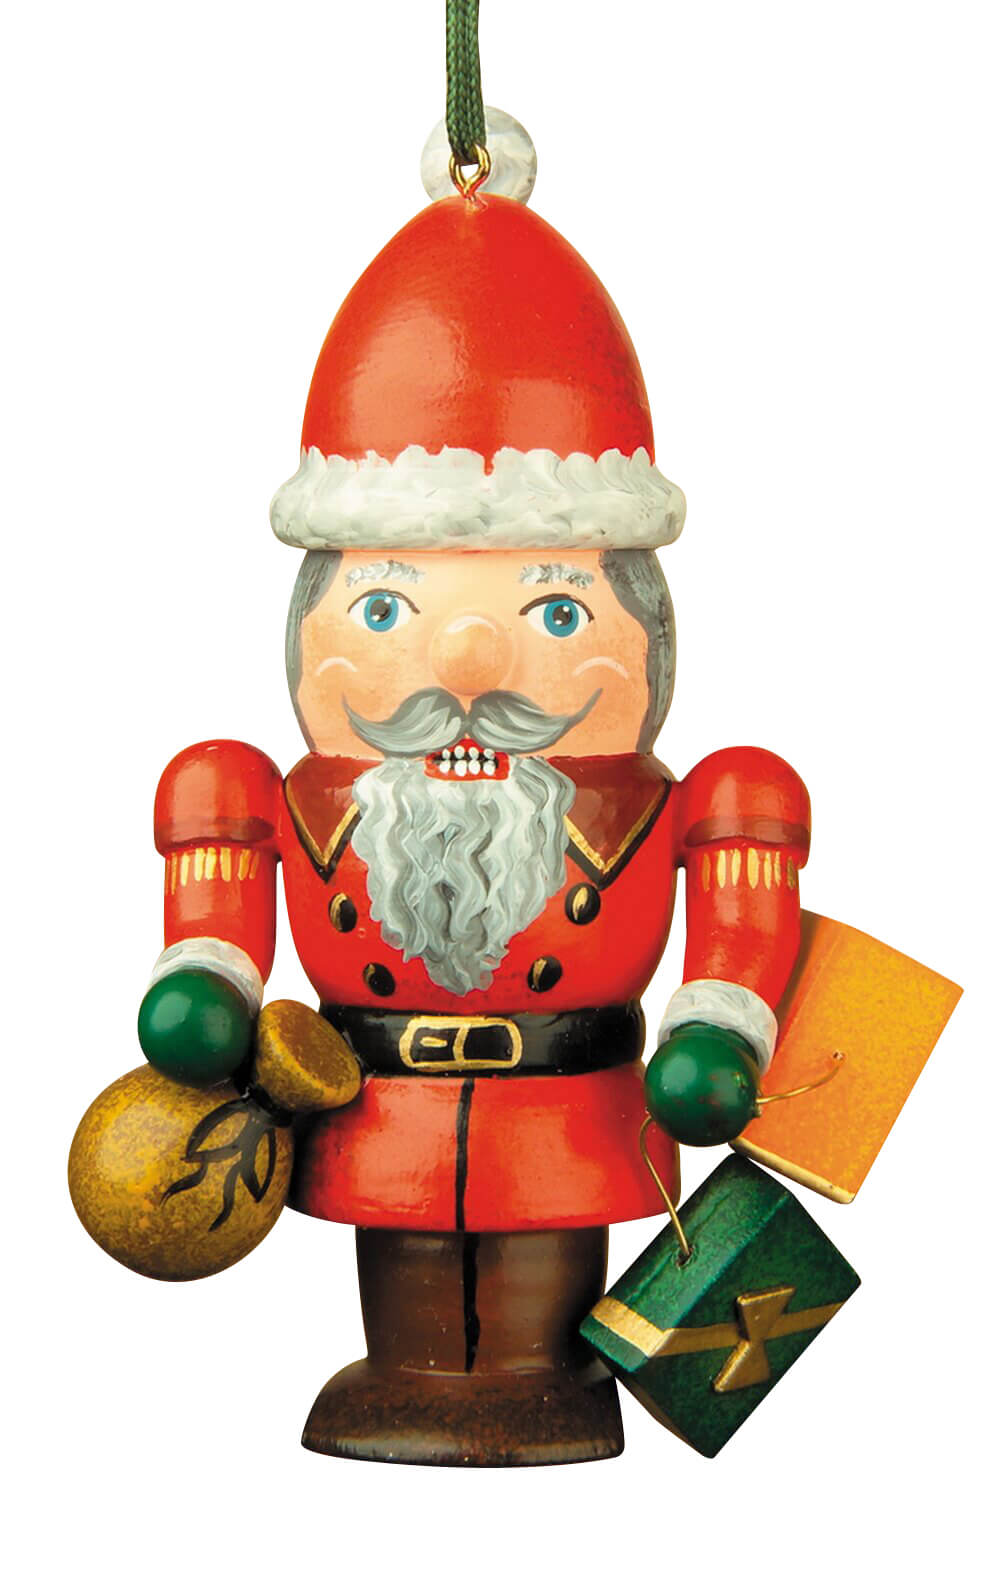 Christbaumschmuck von Hubrig Volkskunst Nussknacker Weihnachtsmann